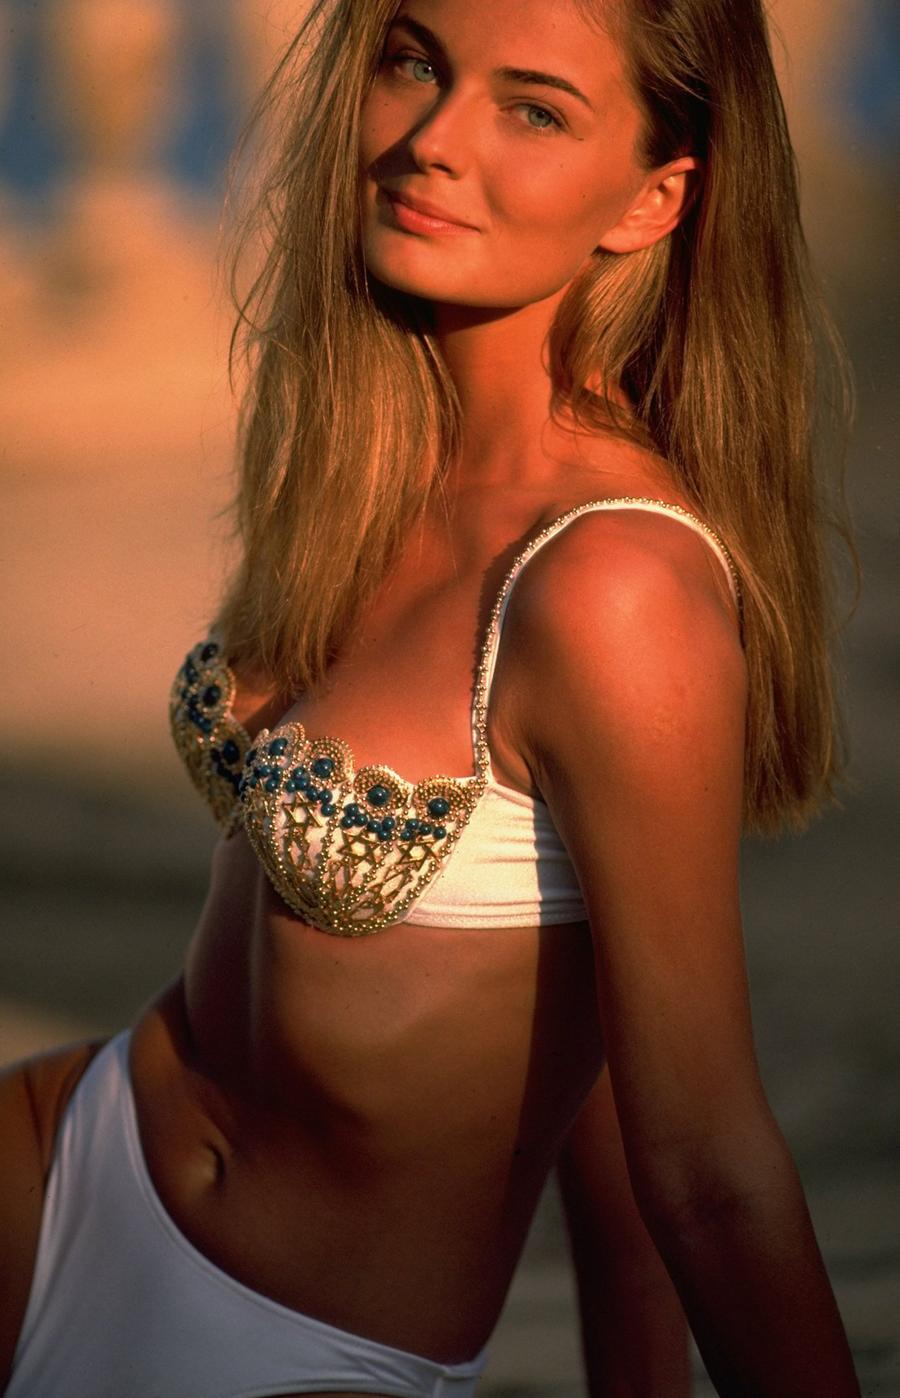 Paulina Porizkova in Spain, SI Swimsuit 1992